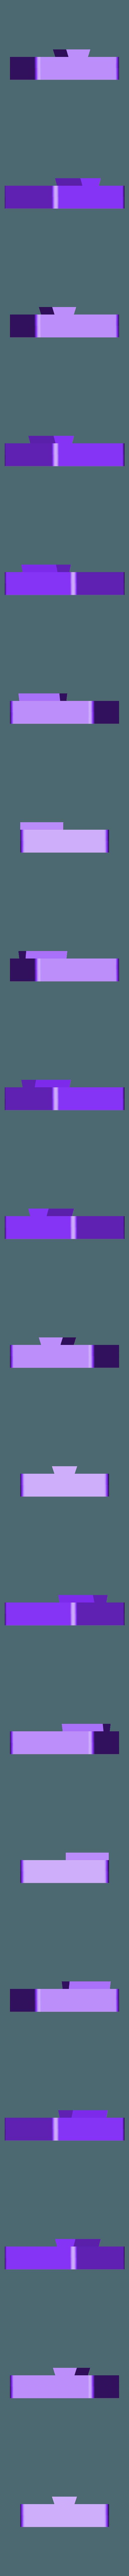 1907-03 Part01.stl Download free STL file Small Puzzle Box • 3D printer object, EL3D